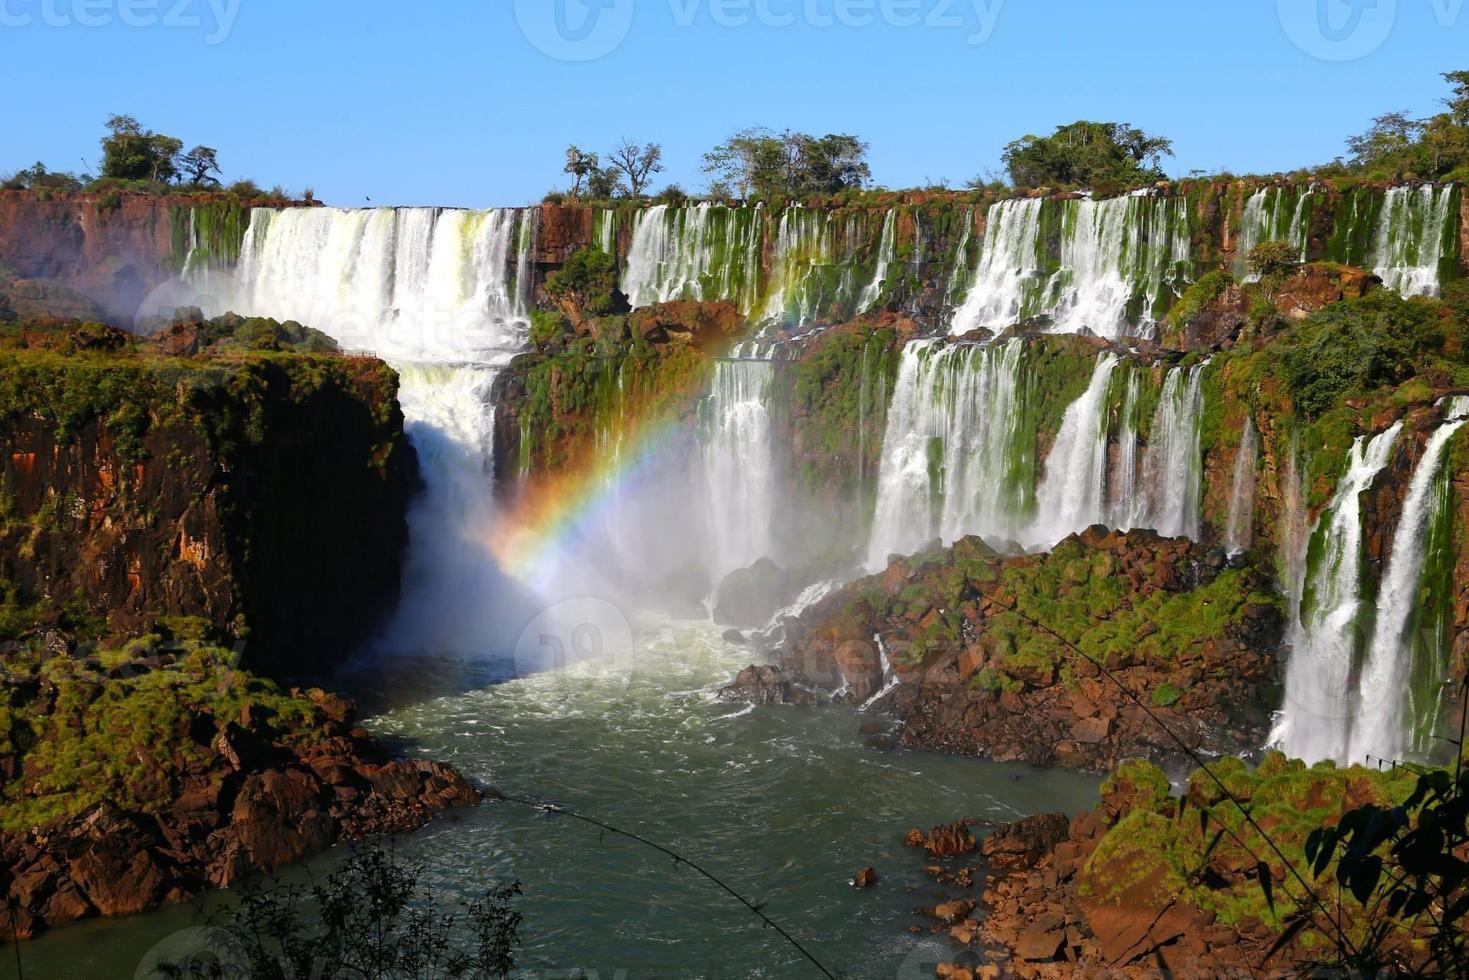 argentinisch - chutes d'iguazu, parc national d'iguazu, iguassu, arc en ciel foto